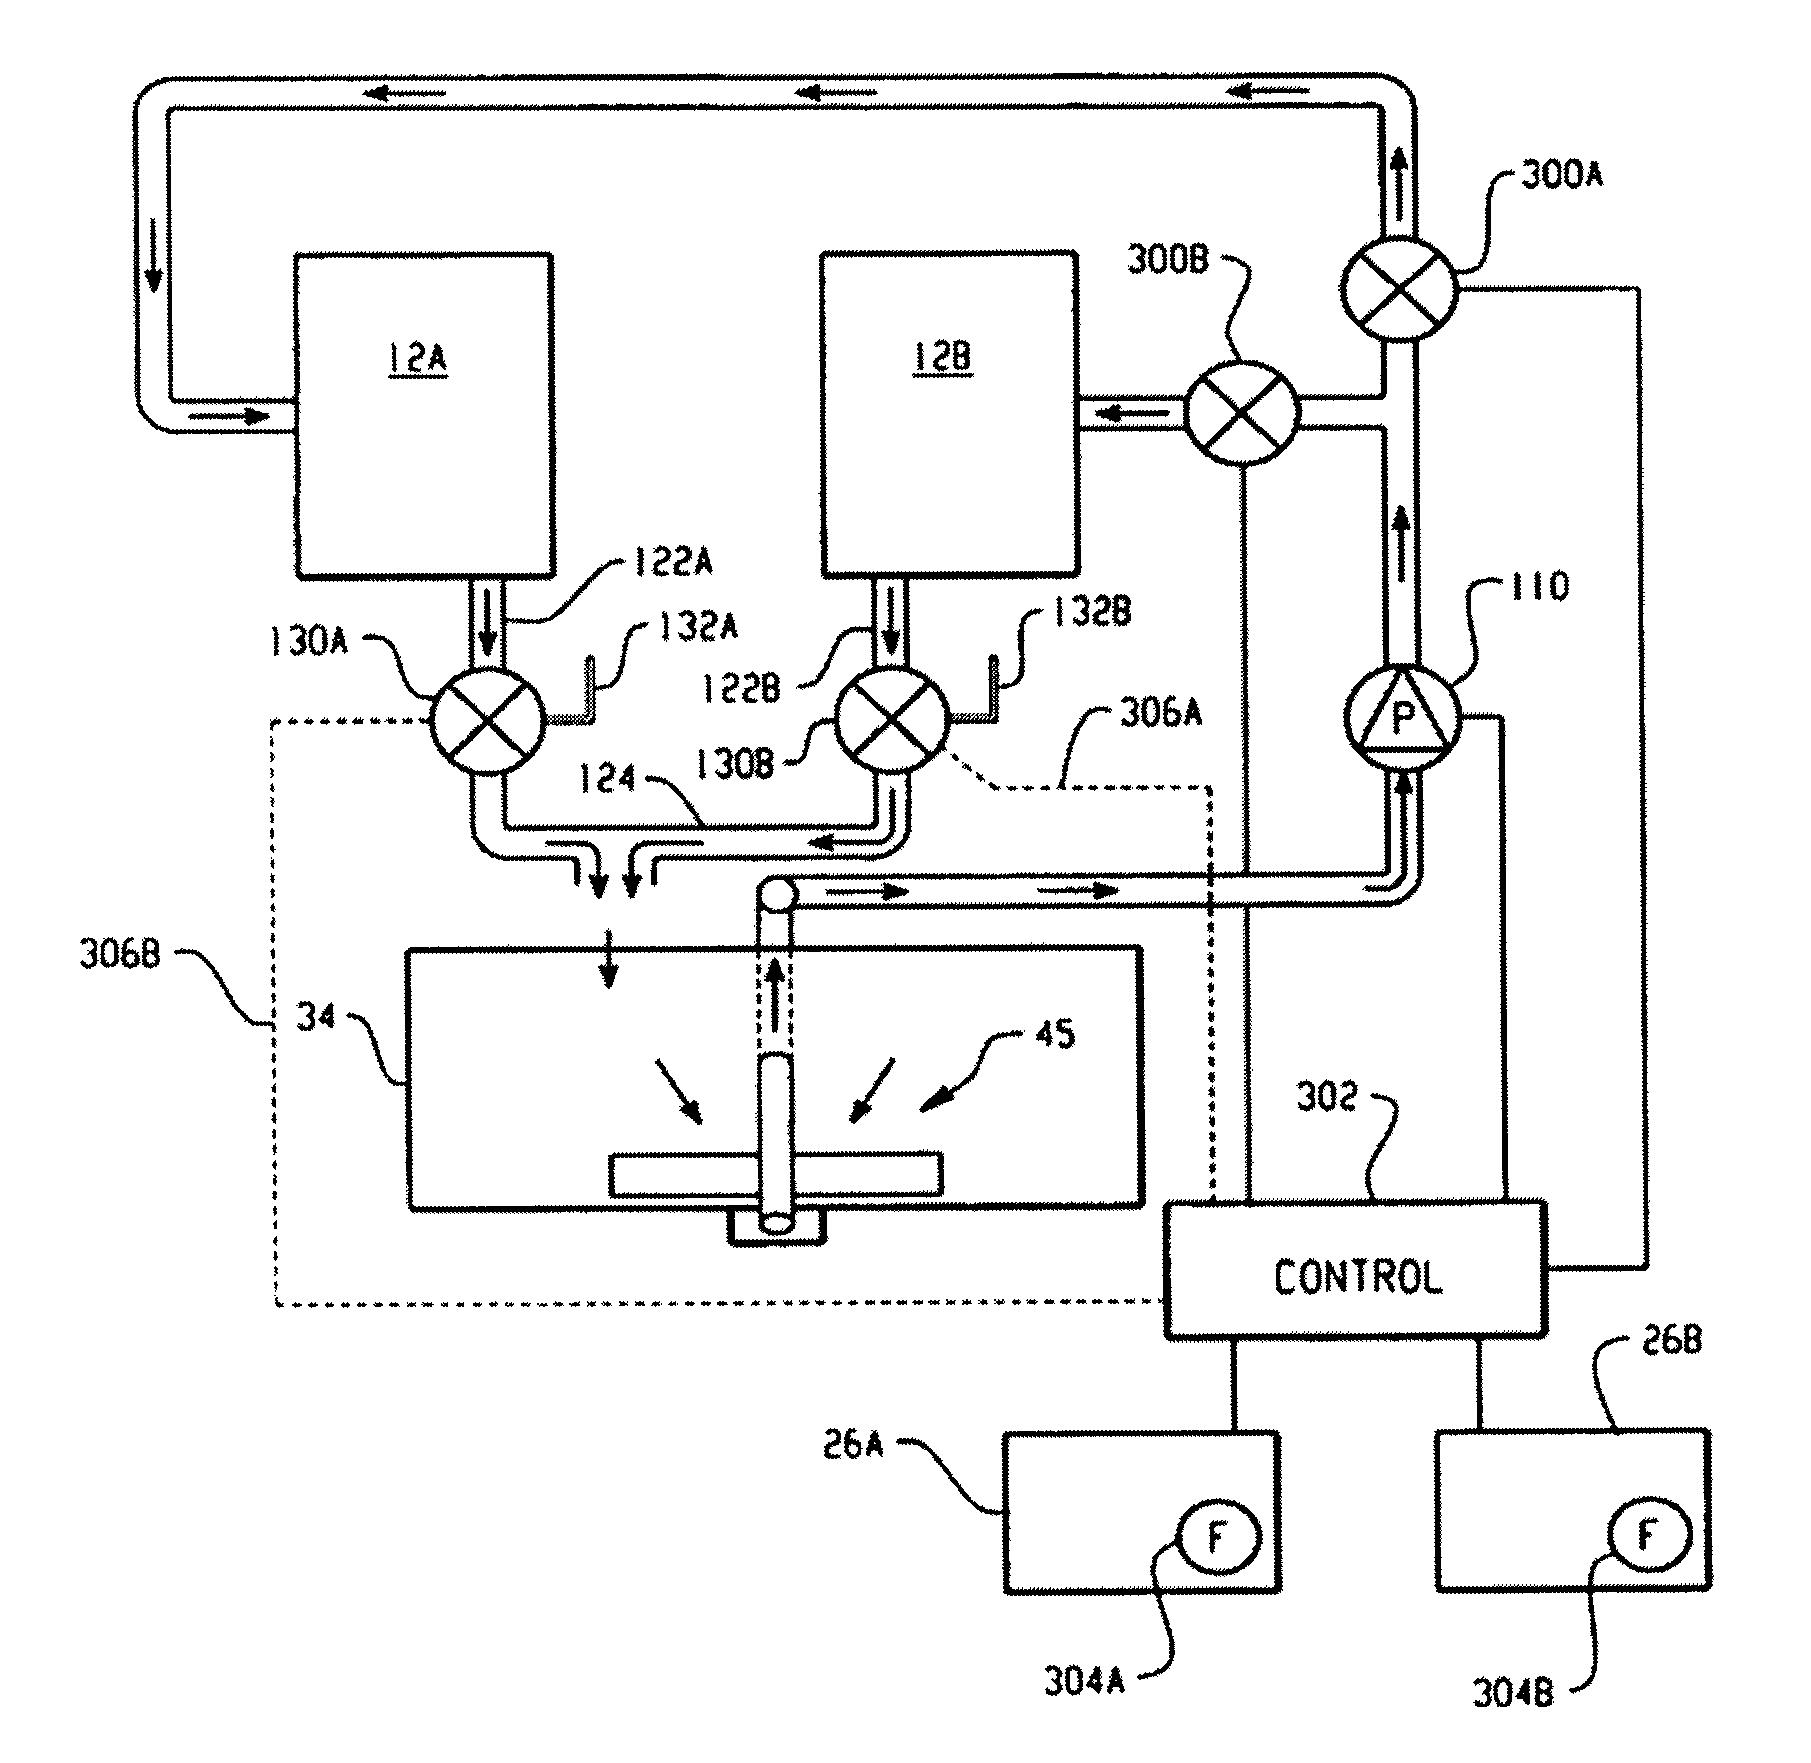 patent us7704387 fryer filtration arrangement google patents patent drawing